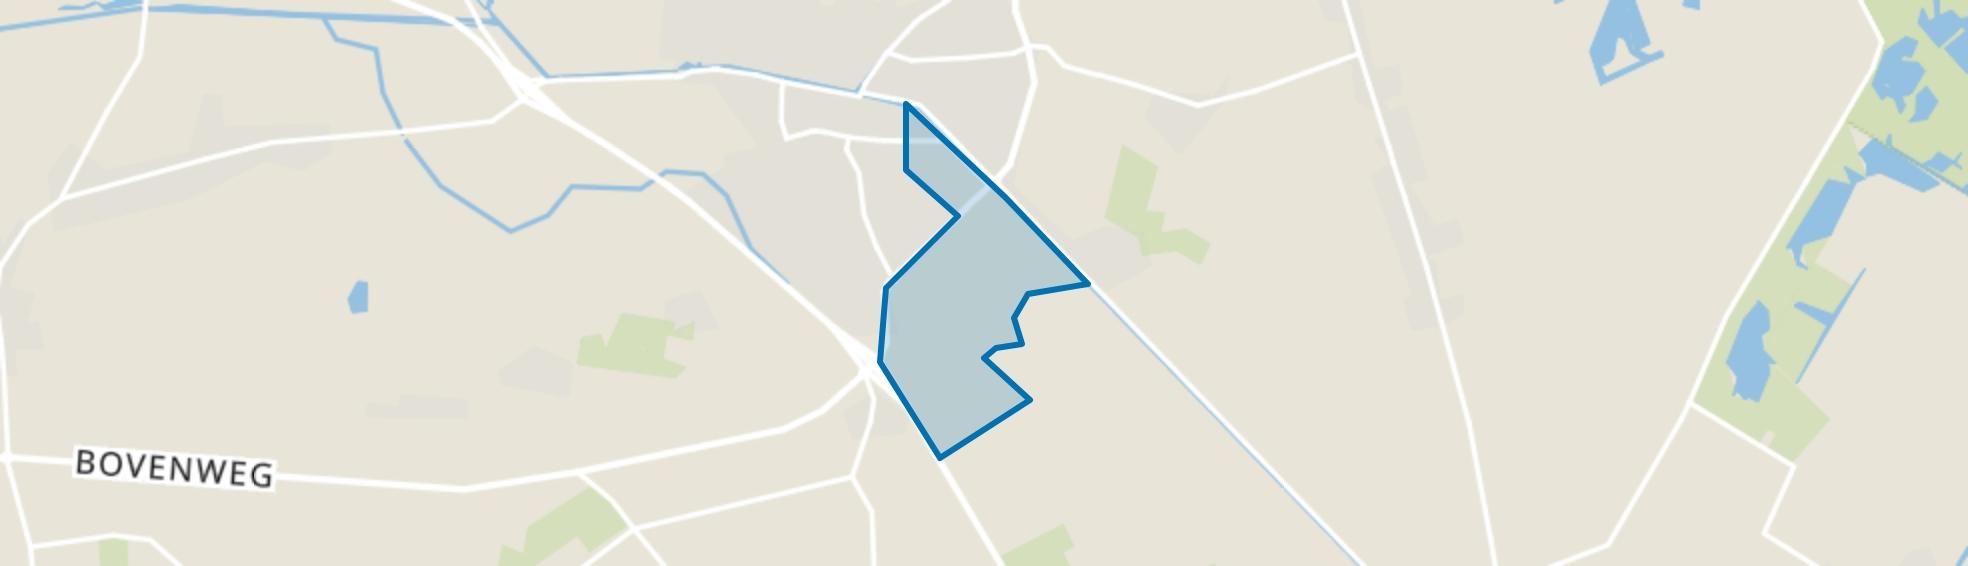 Oosterwolde-Industrie, Oosterwolde (FR) map